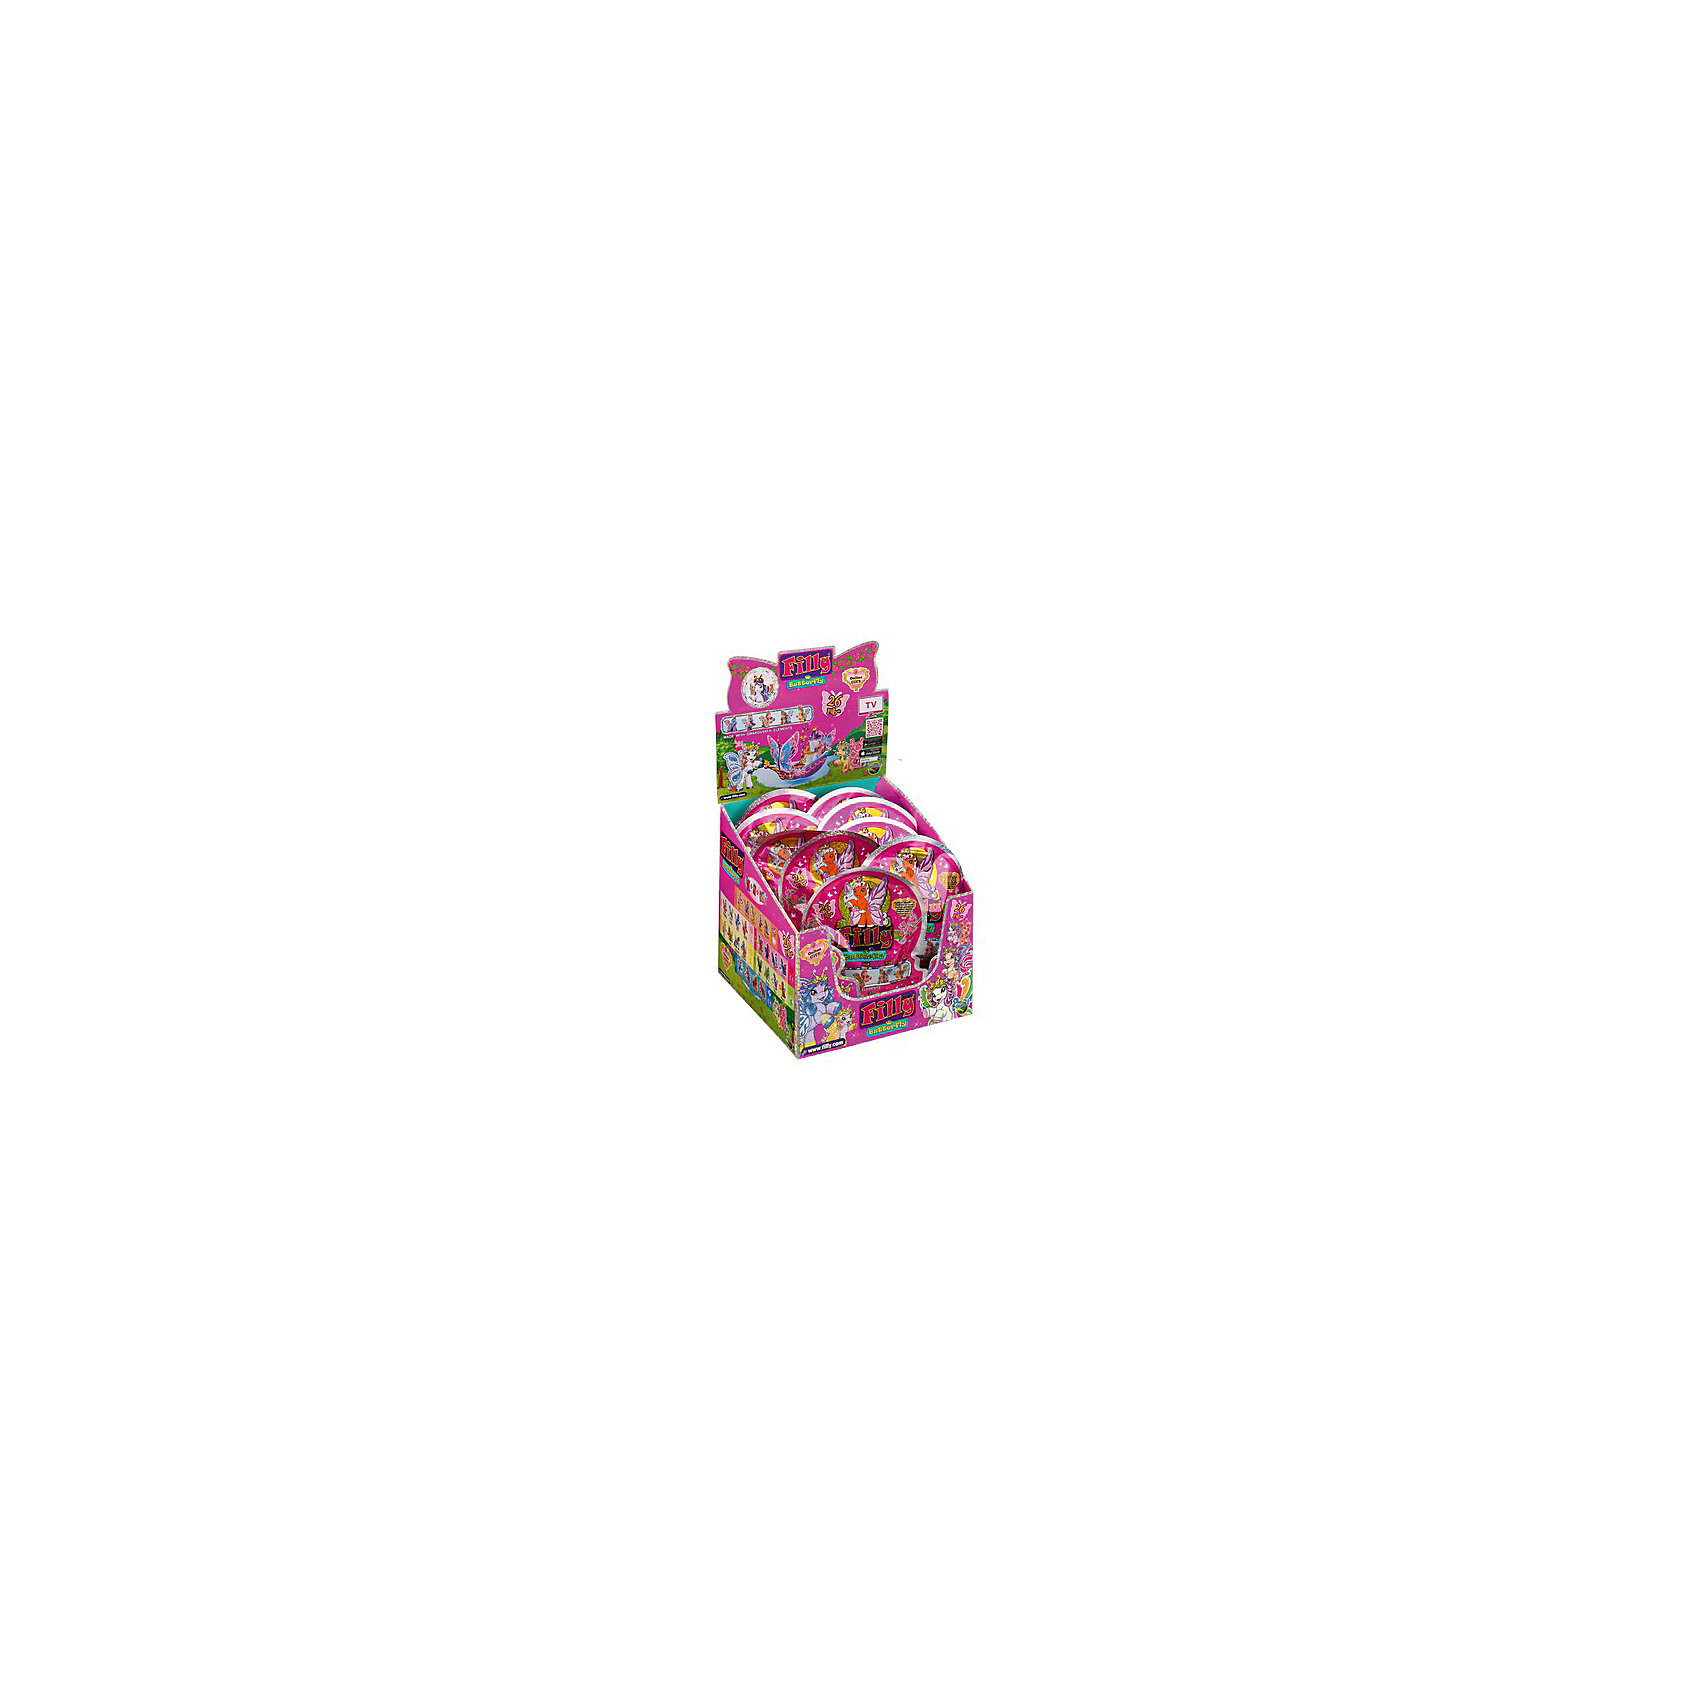 Лошадка коллекционная Бабочки, Filly, DraccoКоллекционные и игровые фигурки<br>Лошадки-бабочки Filly (Филли) живут в сказочном саду внутри волшебного леса Папиллия. Аккуратные, бархатистые на ощупь фигурки приведут в восторг любую девочку и займут достойное место в ее коллекции лошадок. <br>В ассортименте 26 уникальных персонажей, которые отличаются цветом крылышек и гривы, аксессуарами, а также принадлежностью к одному из семейных гербов. В коллекции вы найдете пять фигурок из секретного семейства, а также представителей семейства Воды, Цветочного и Солнечного семейства, семейства Листьев, Сердец, пурпурных бабочек и удивительную фигурку принцессы Скарлетт, у которой радужные крылья и пять кристаллов Swarovski в короне. <br>Игрушки выполнены из высококачественных экологичных материалов безопасных для детей. <br><br>Дополнительная информация:<br><br>- Материал: пластик.<br>- Высота фигурки: 5 см.<br>- Фигурки покрыты бархатистым флоком. <br>- Комплектация: фигурка, карточка, буклет с описанием других лошадок. <br>- Фигурки в ассортименте.<br>ВНИМАНИЕ! Данный артикул представлен в разных вариантах исполнения. К сожалению, заранее выбрать определенный вариант невозможно. При заказе нескольких фигурок возможно получение одинаковых.<br><br>Коллекционную лошадку Бабочки, Filly, Dracco, можно купить в нашем магазине.<br><br>Ширина мм: 132<br>Глубина мм: 35<br>Высота мм: 170<br>Вес г: 310<br>Возраст от месяцев: 36<br>Возраст до месяцев: 96<br>Пол: Женский<br>Возраст: Детский<br>SKU: 4596124